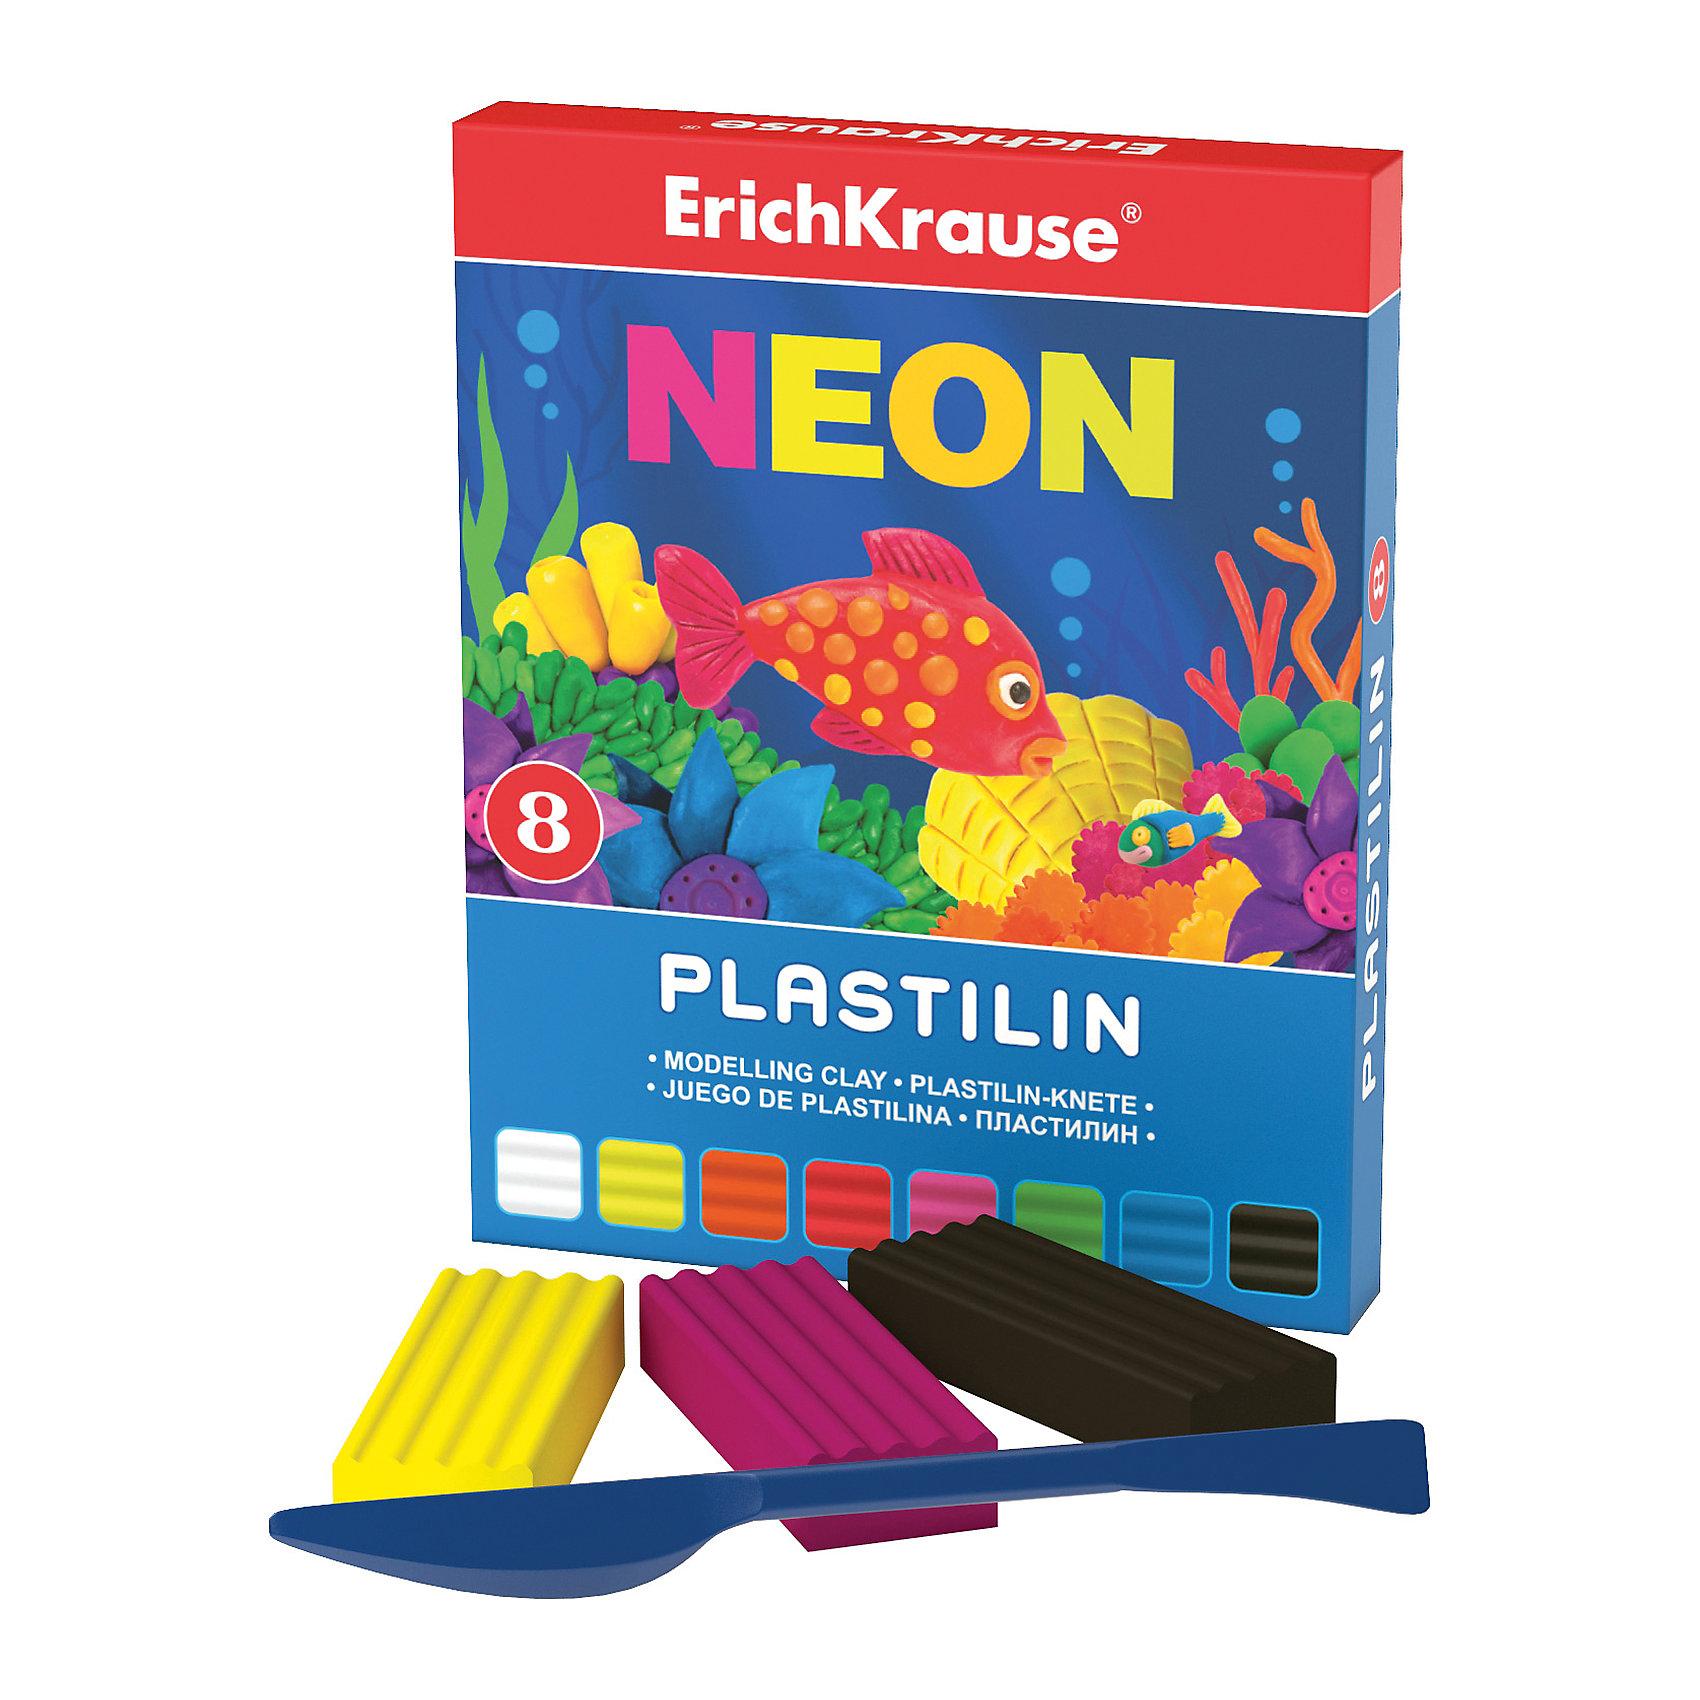 Пластилин Neon (8 цветов, 144г + стек), ArtberryЛепка<br>Пластилин Neon (Неон) (8 цветов, 144г + стек), Artberry (Артберри) невероятно мягкий и пластичный, поэтому из брусочков отлично получаются как плоские (так называемая техника рисования пластилином на поверхности), так и объемные фигурки. Набор пластилина отличается яркой и насыщенной палитрой, при этом цвета легко смешиваются между собой для получения новых оттенков. Позвольте вашему ребенку воплощать свои фантазии в лепке, развивая при этом воображение и мелкую моторику.<br><br>Характеристики:<br>-Сохраняет форму, не застывает на воздухе<br>-Произведен на основе натуральных растительных компонентов<br>-Не липнет к рукам или рабочей поверхности, не оставляет жирных пятен<br>-Лепка пластилином способствует развитию мелкой моторики, целеустремленности, терпения, творческих способностей<br><br>Комплектация: пластилин 8 цветов по 18 г, стек (пластиковый нож)<br><br>Дополнительная информация:<br>-Вес в упаковке: 175 г<br>-Размеры в упаковке: 151х119х10 мм<br>-Материалы: пластилин, пластик<br><br>Набор пластилина из 8 цветов является отличным подарком, который доставит настоящую радость детям и откроет новые возможности для развития творческих способностей Вашего ребенка.<br><br>Пластилин Neon (Неон) (8 цветов, 144г + стек), Artberry (Артберри) можно купить в нашем магазине.<br><br>Ширина мм: 151<br>Глубина мм: 119<br>Высота мм: 10<br>Вес г: 175<br>Возраст от месяцев: 36<br>Возраст до месяцев: 144<br>Пол: Унисекс<br>Возраст: Детский<br>SKU: 4058296